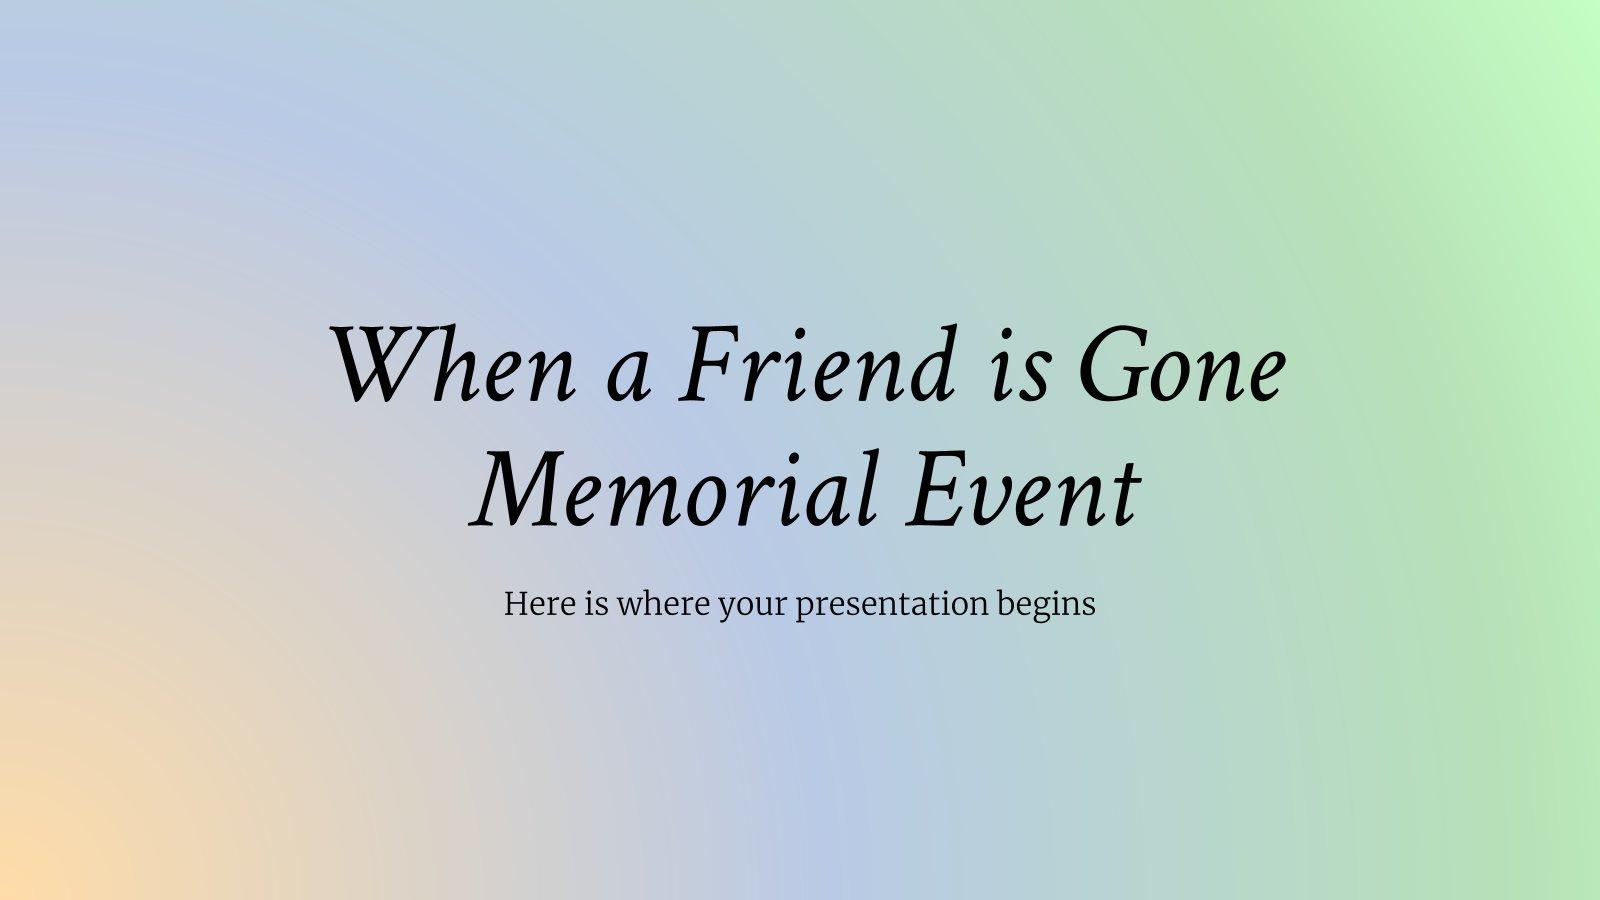 Quand un ami part : Modèles de présentation